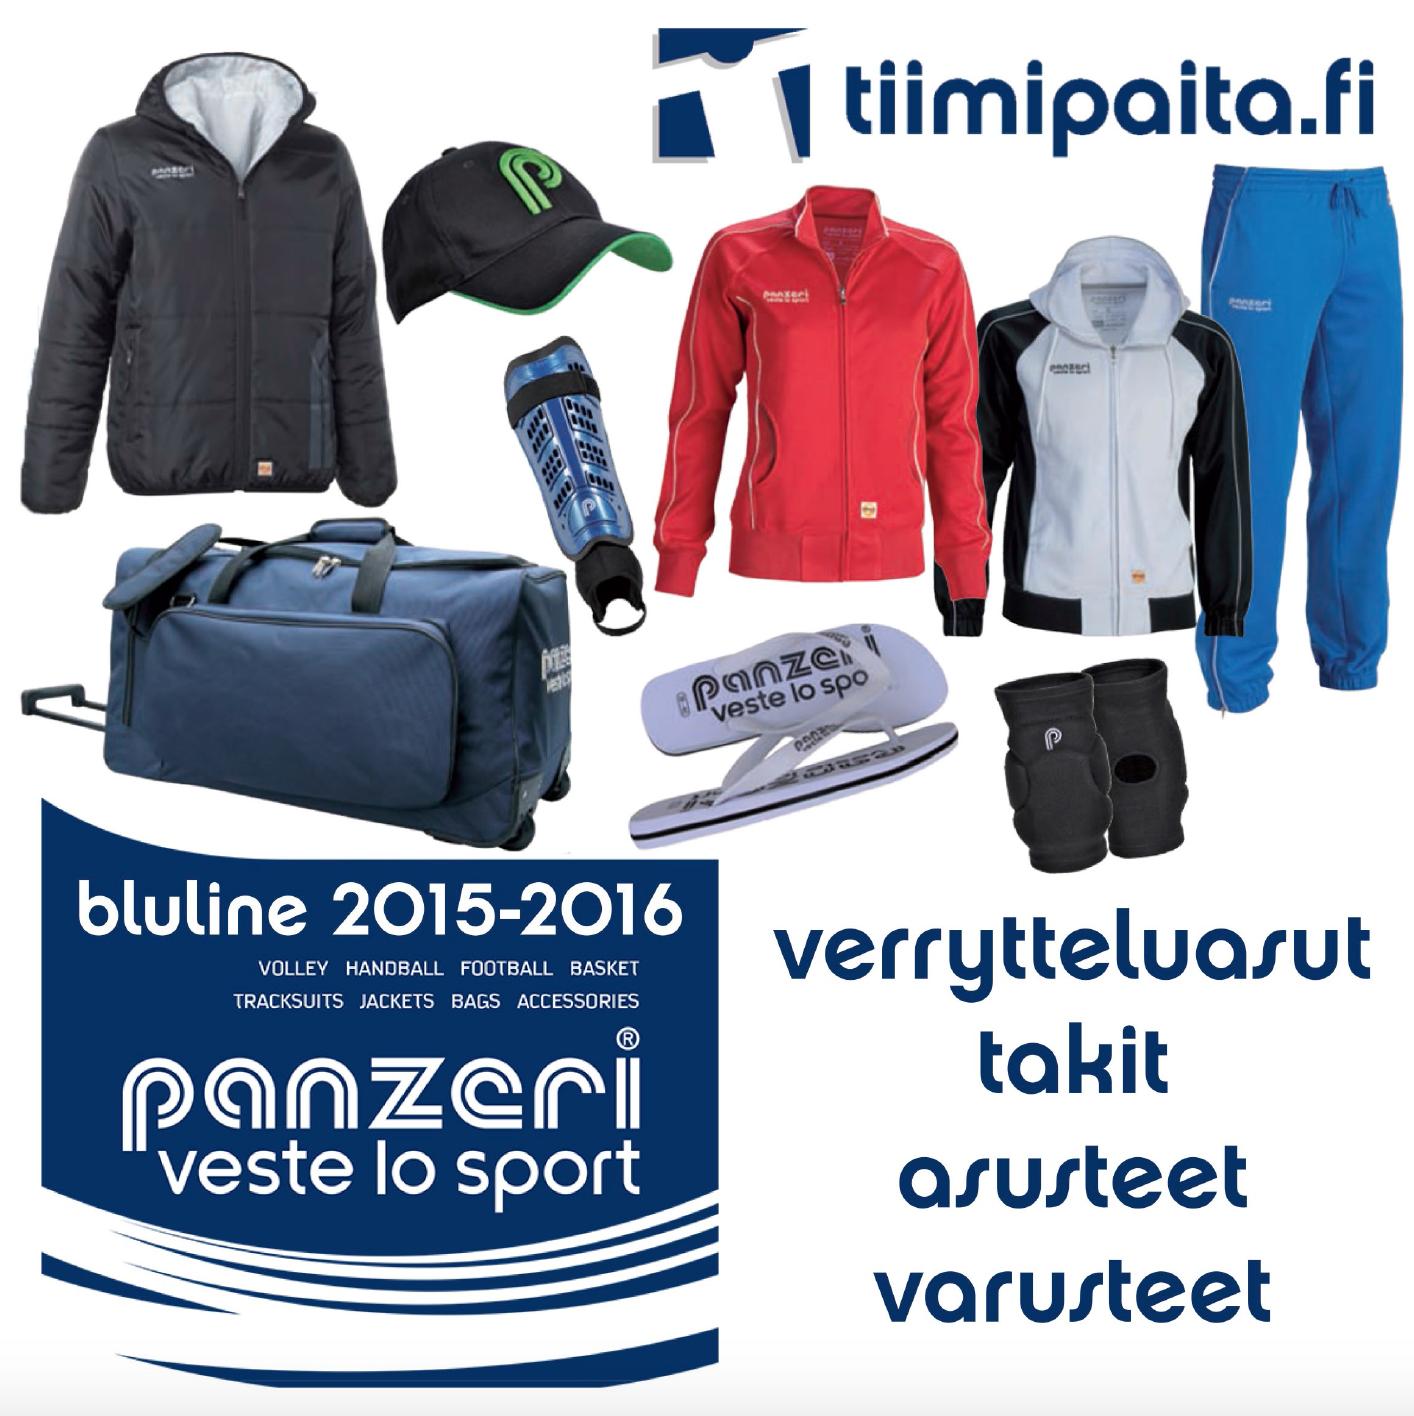 panzeri-tuotekuvasto-verrytteluasut-takit-asusteet-varusteet